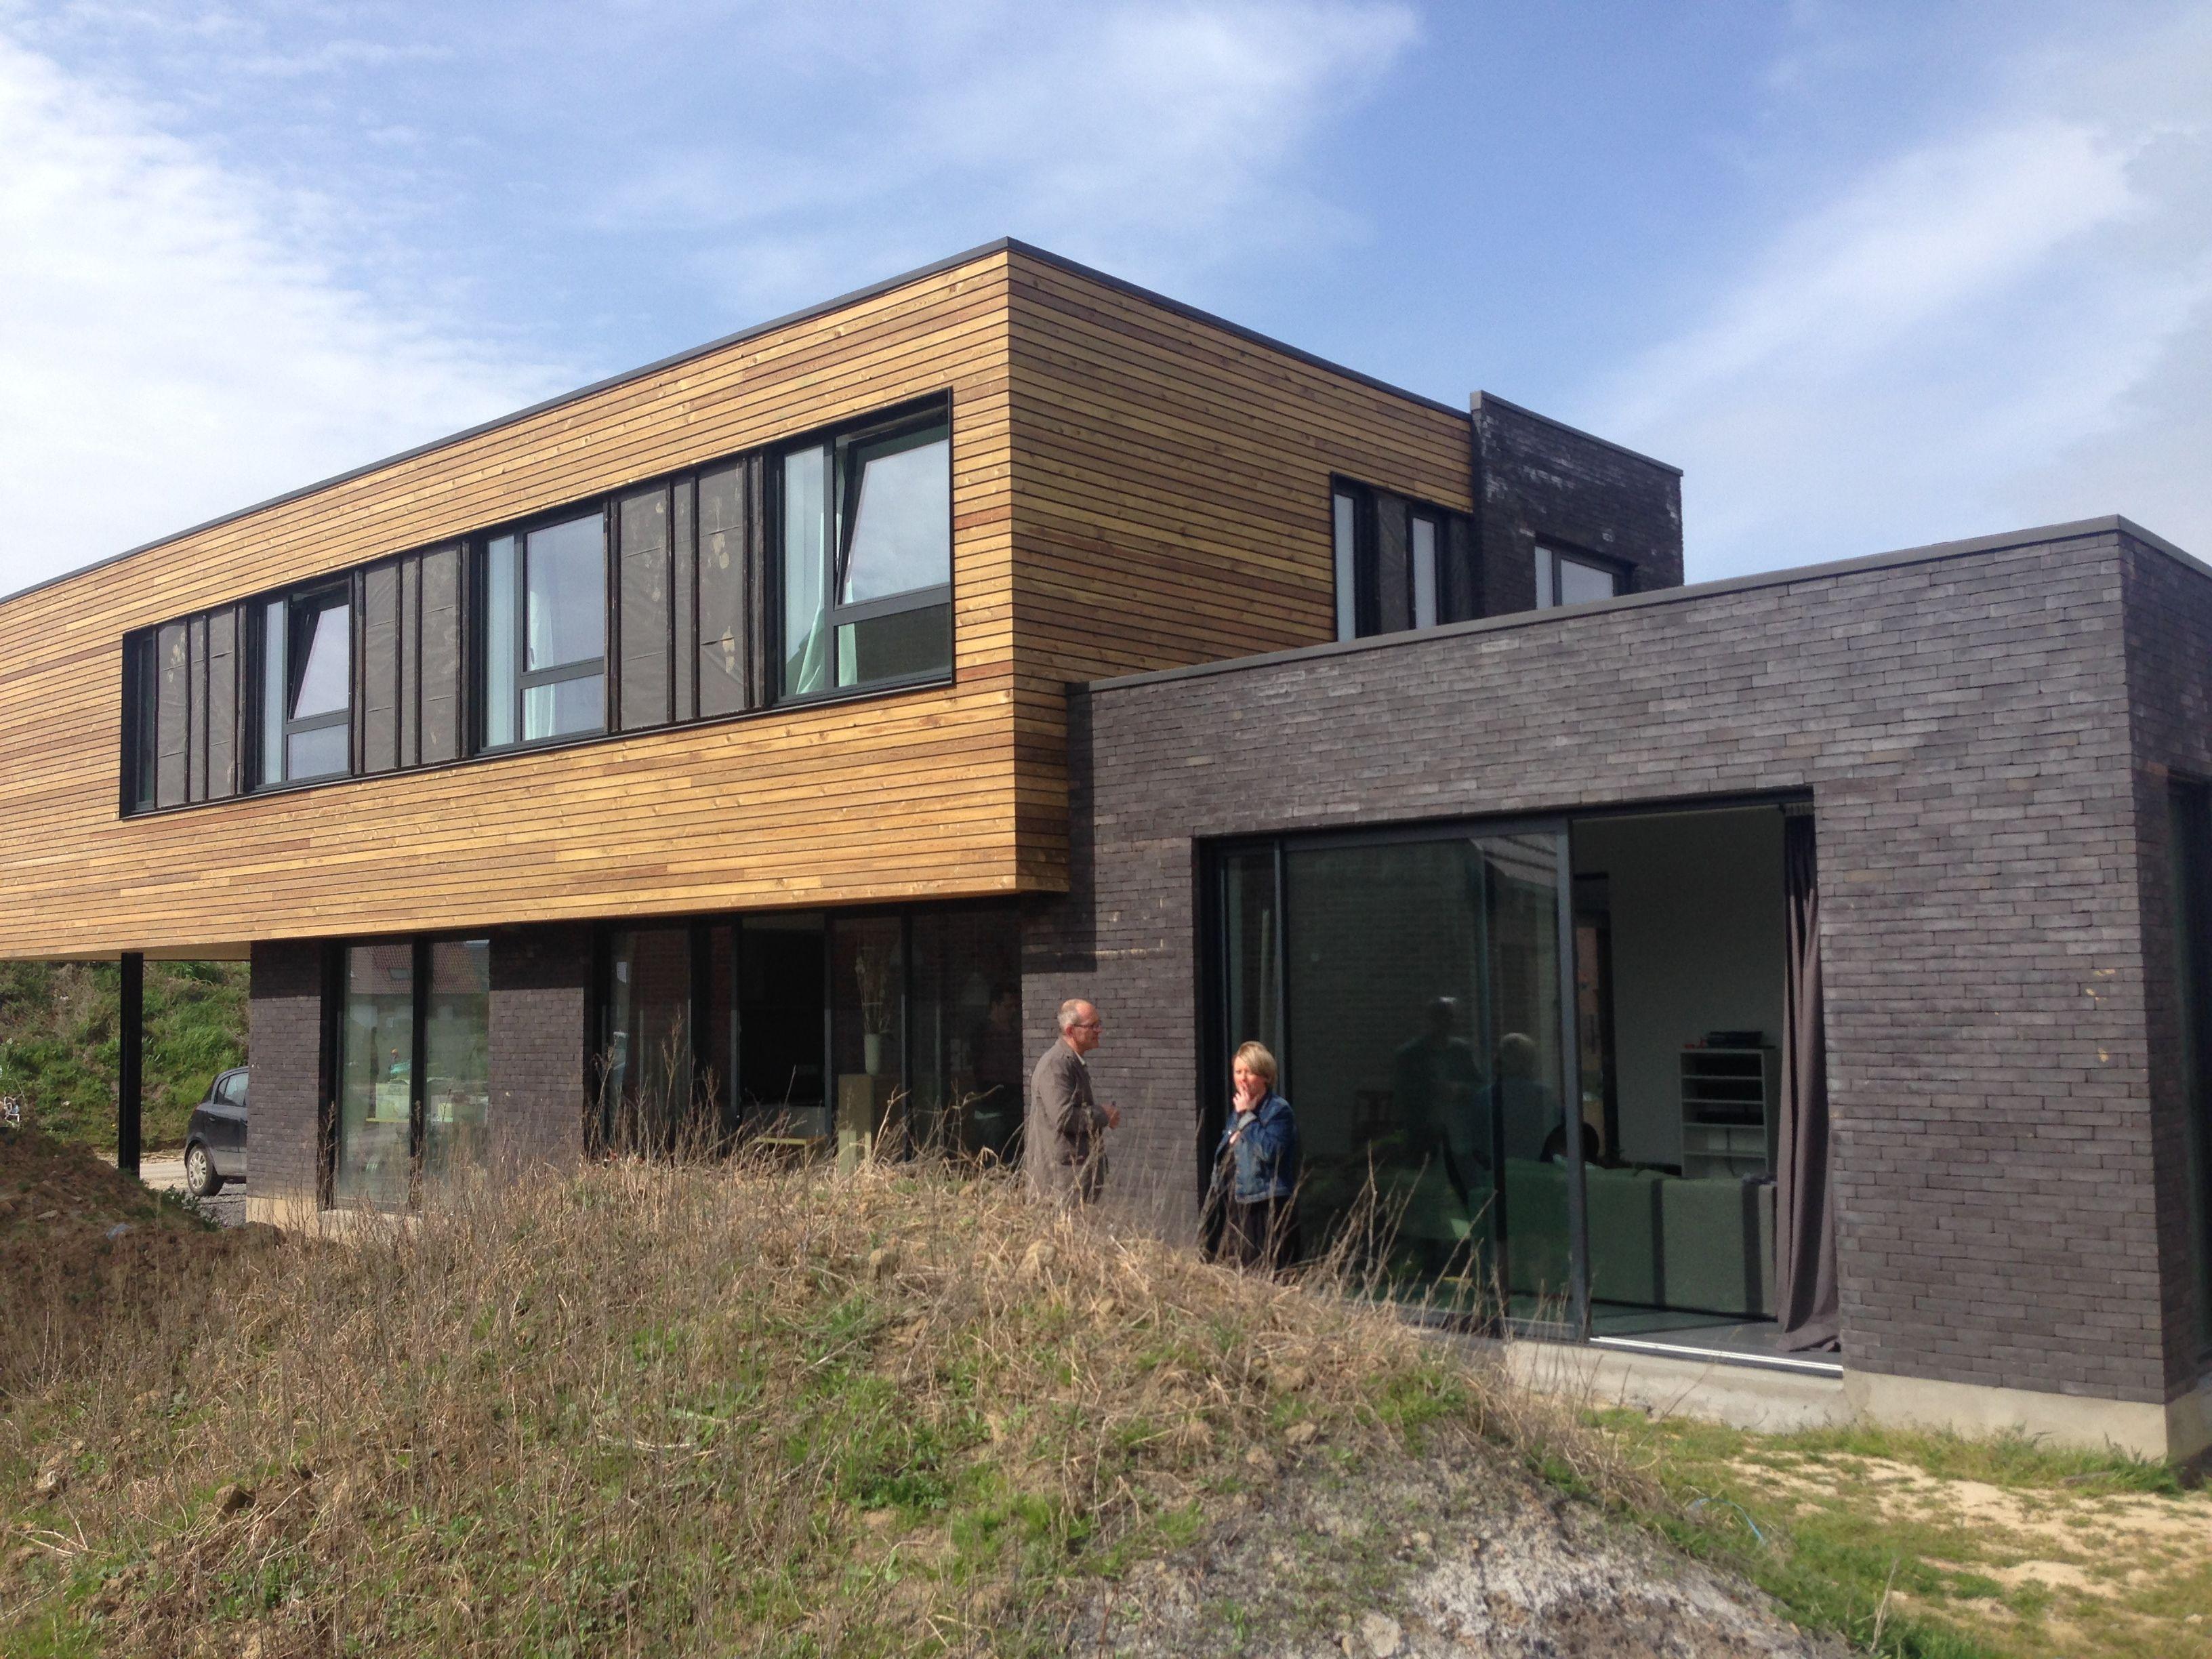 maison bardage meleze et brique   Maison ossature bois ...